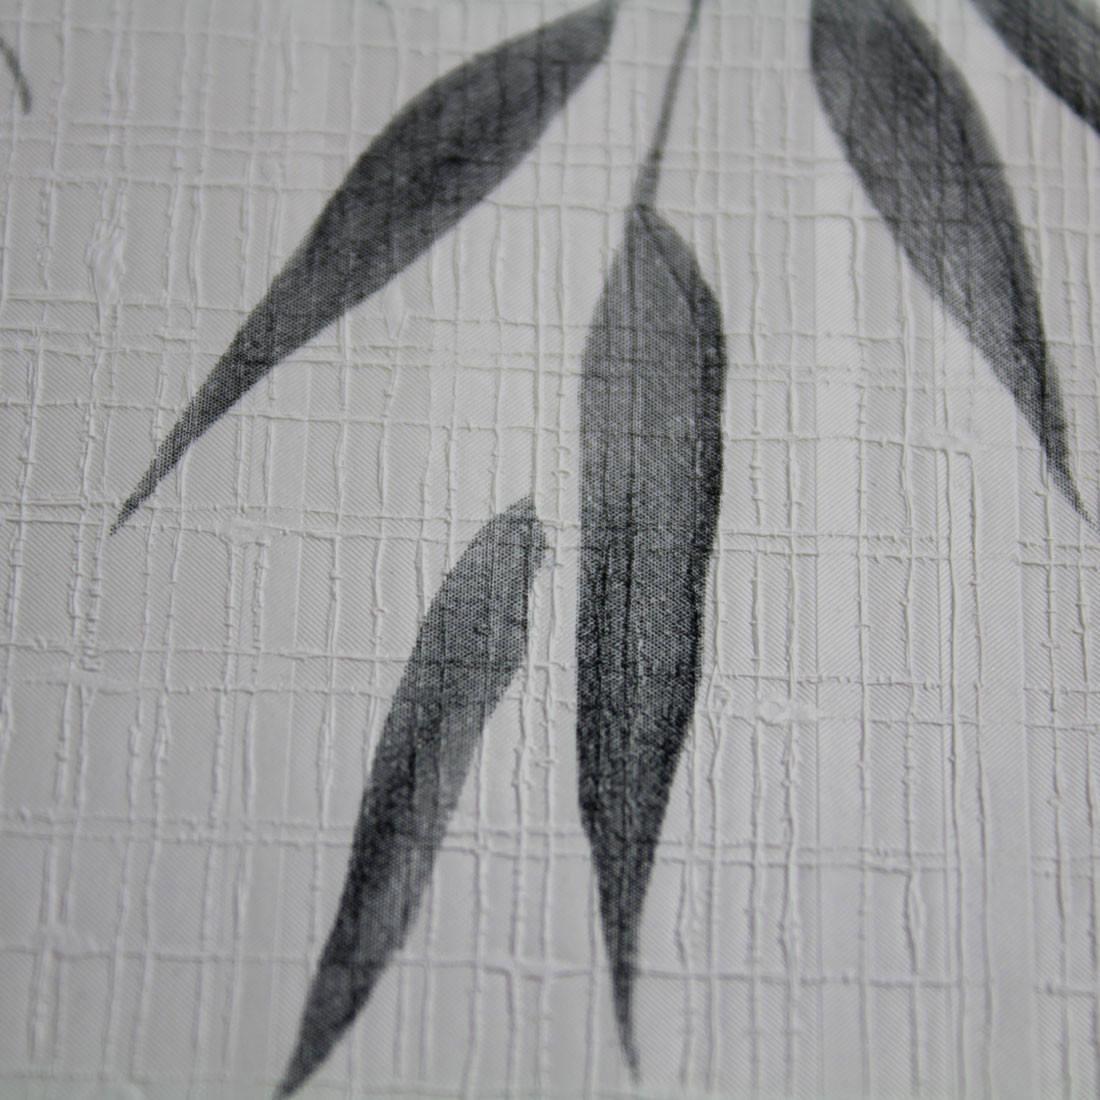 Papel de Parede Nuresco Allegra Floral Delicado Preto Cinza e Branco Textura